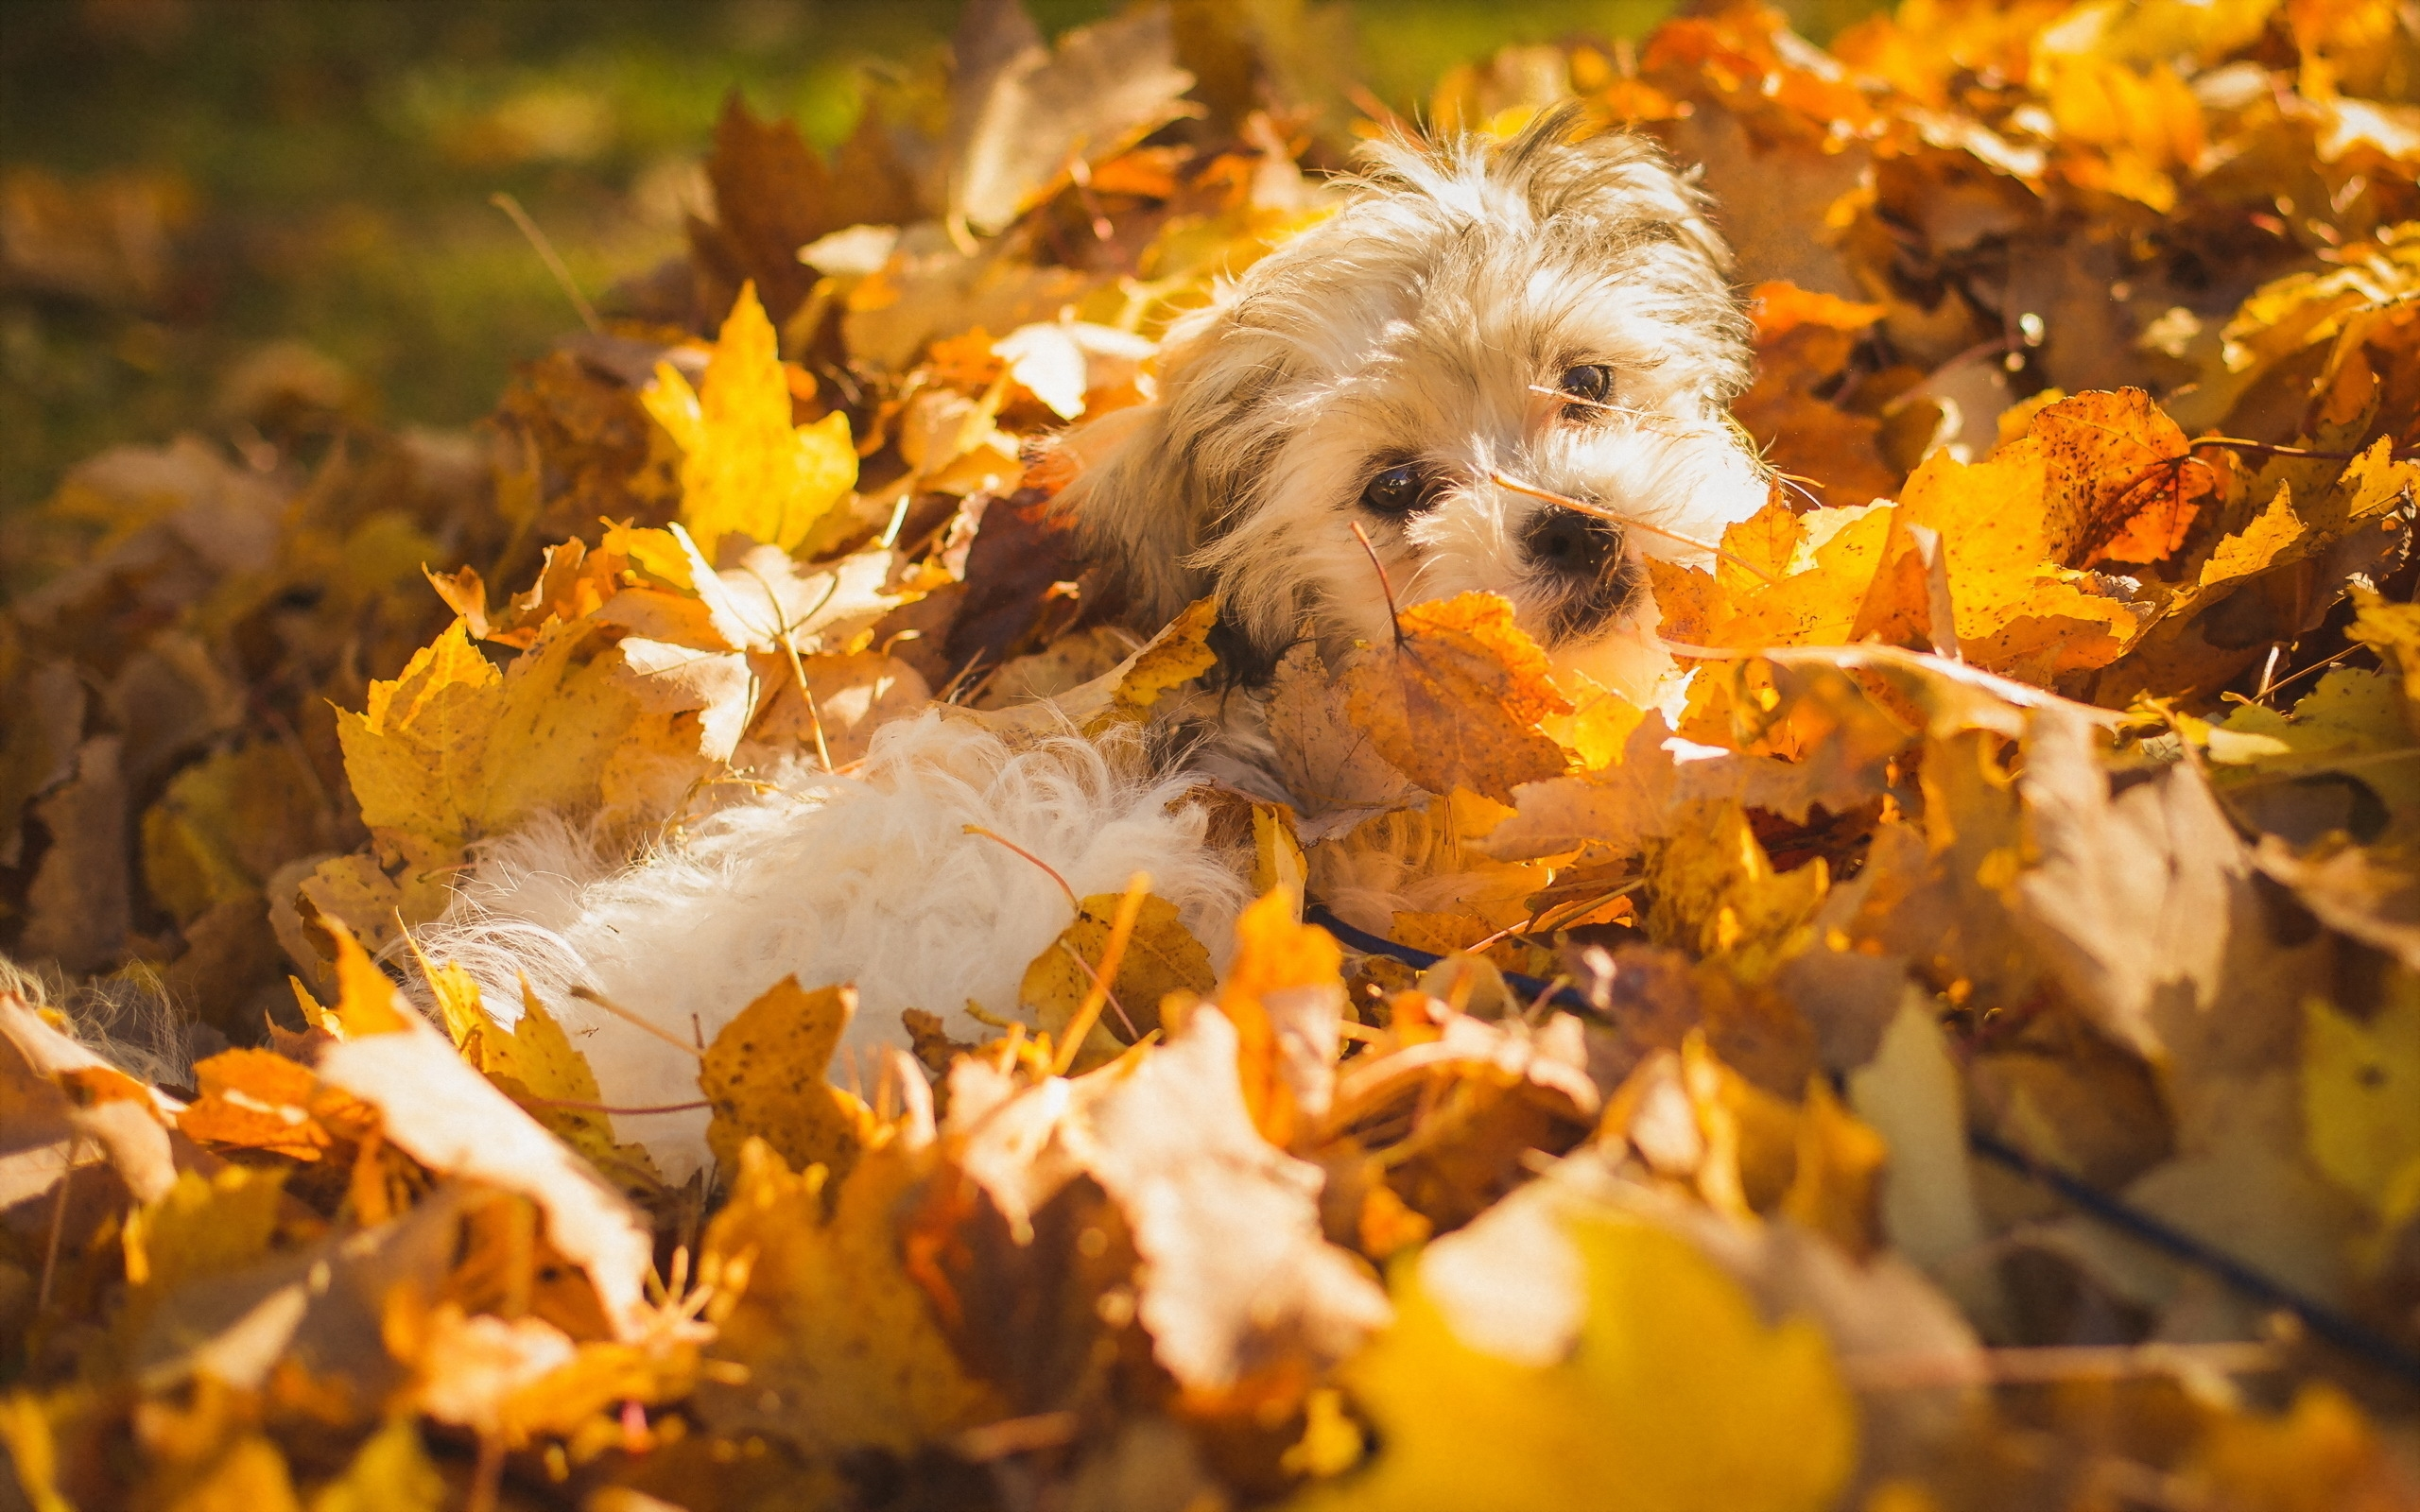 осенний листопад, собака, листья